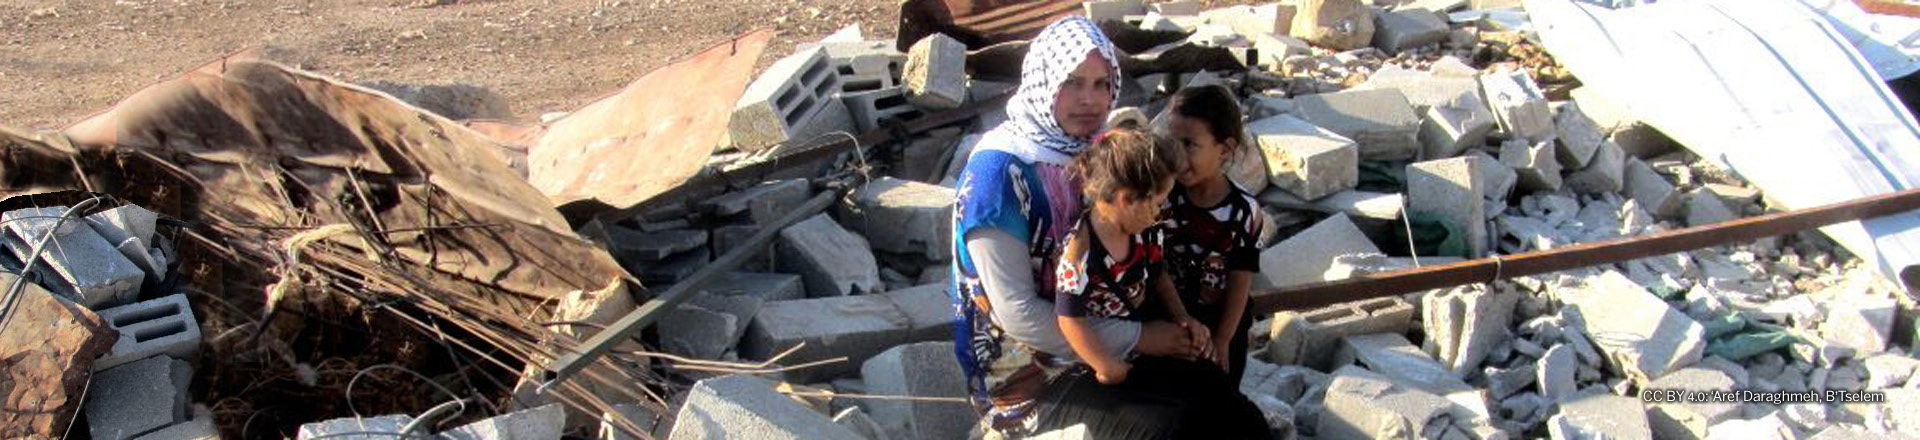 הפרת זכויות האדם בשטחים הכבושים